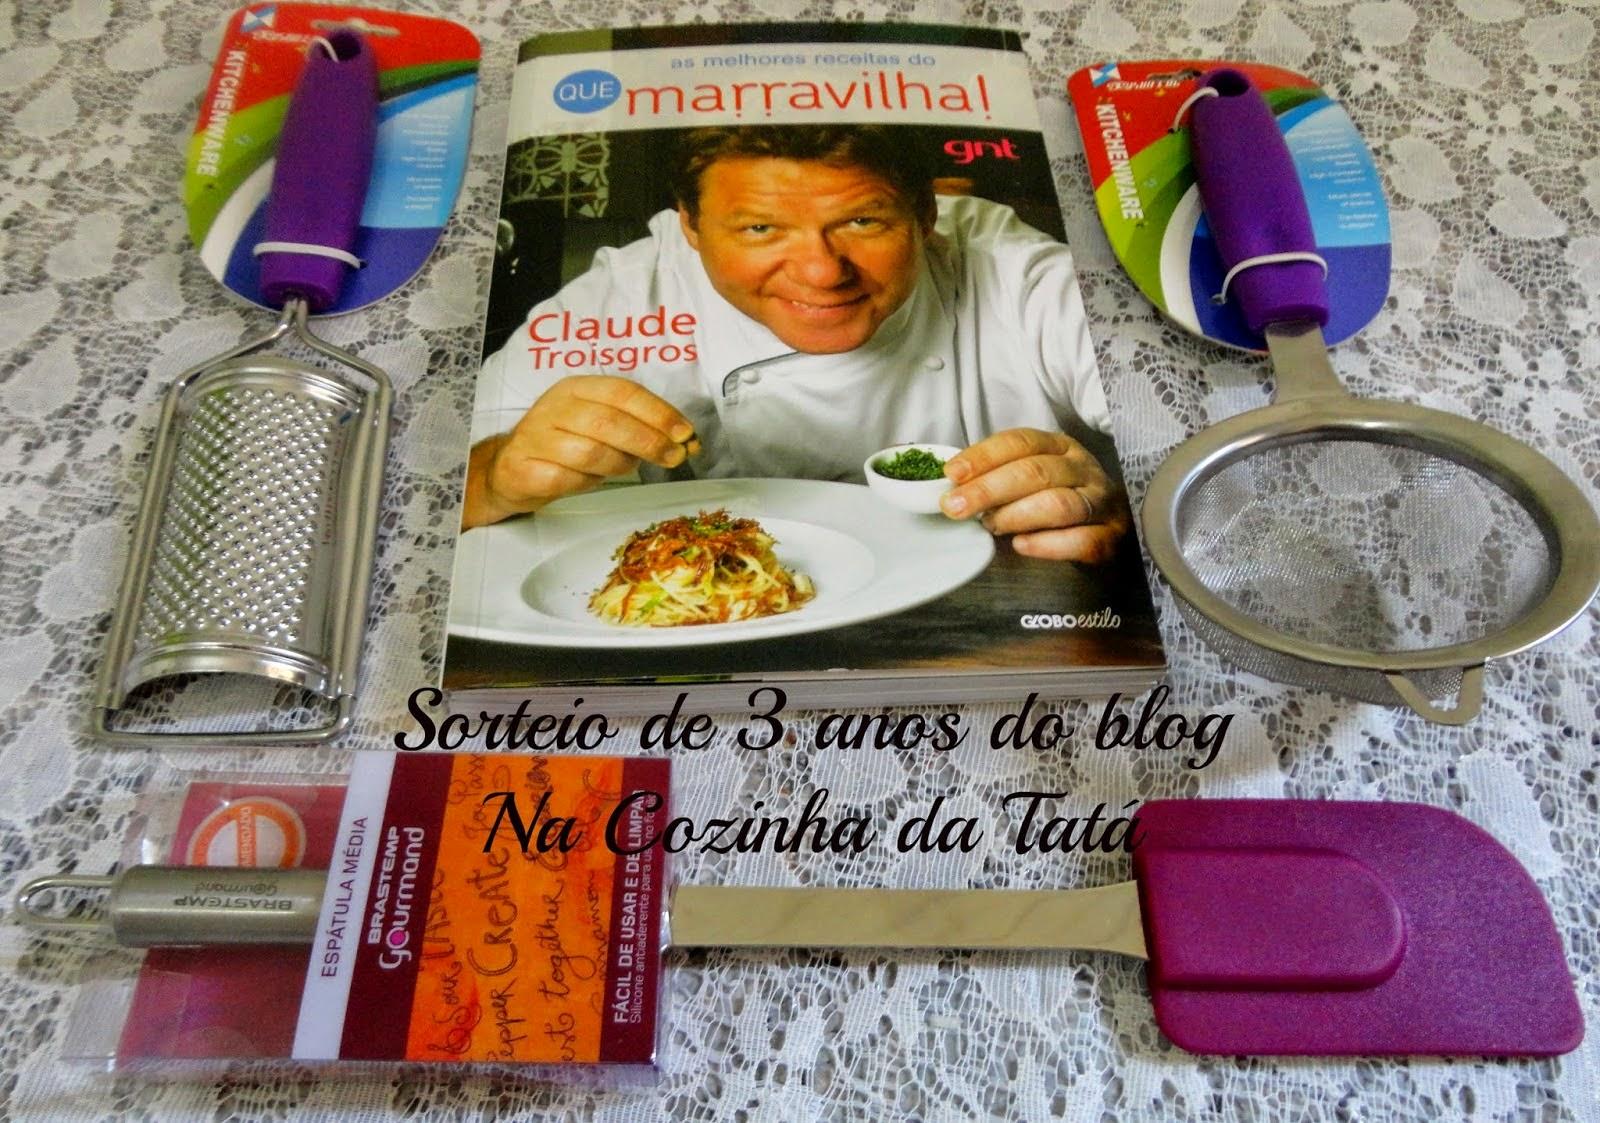 http://nacozinhadatata.blogspot.com.br/2014/05/sorteio-de-aniversario-do-blog.html